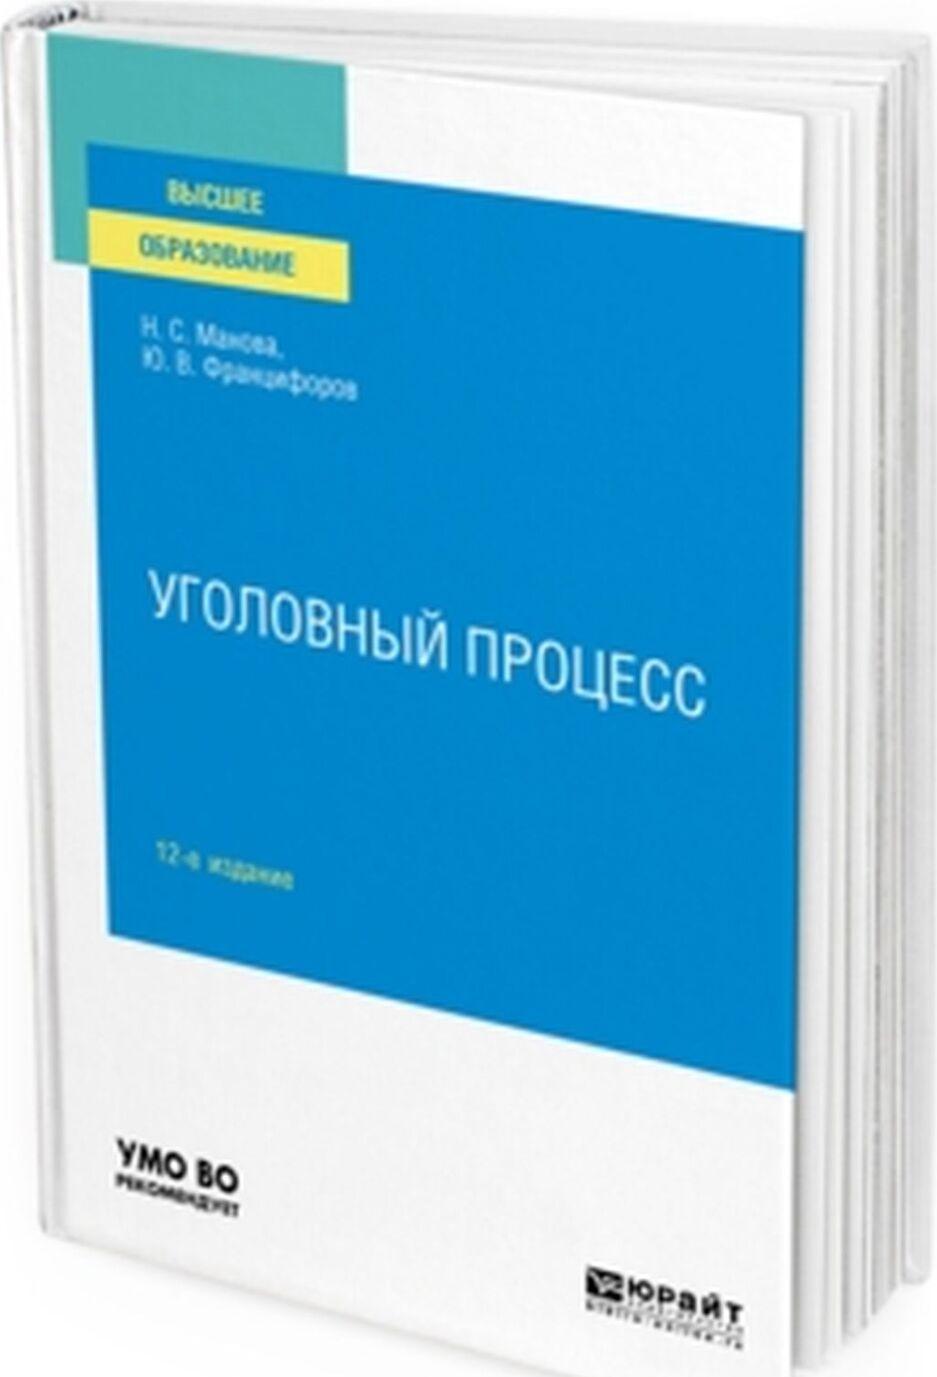 Ugolovnyj protsess. Uchebnoe posobie  | Manova Nina Sergeevna, Frantsiforov Jurij Viktorovich